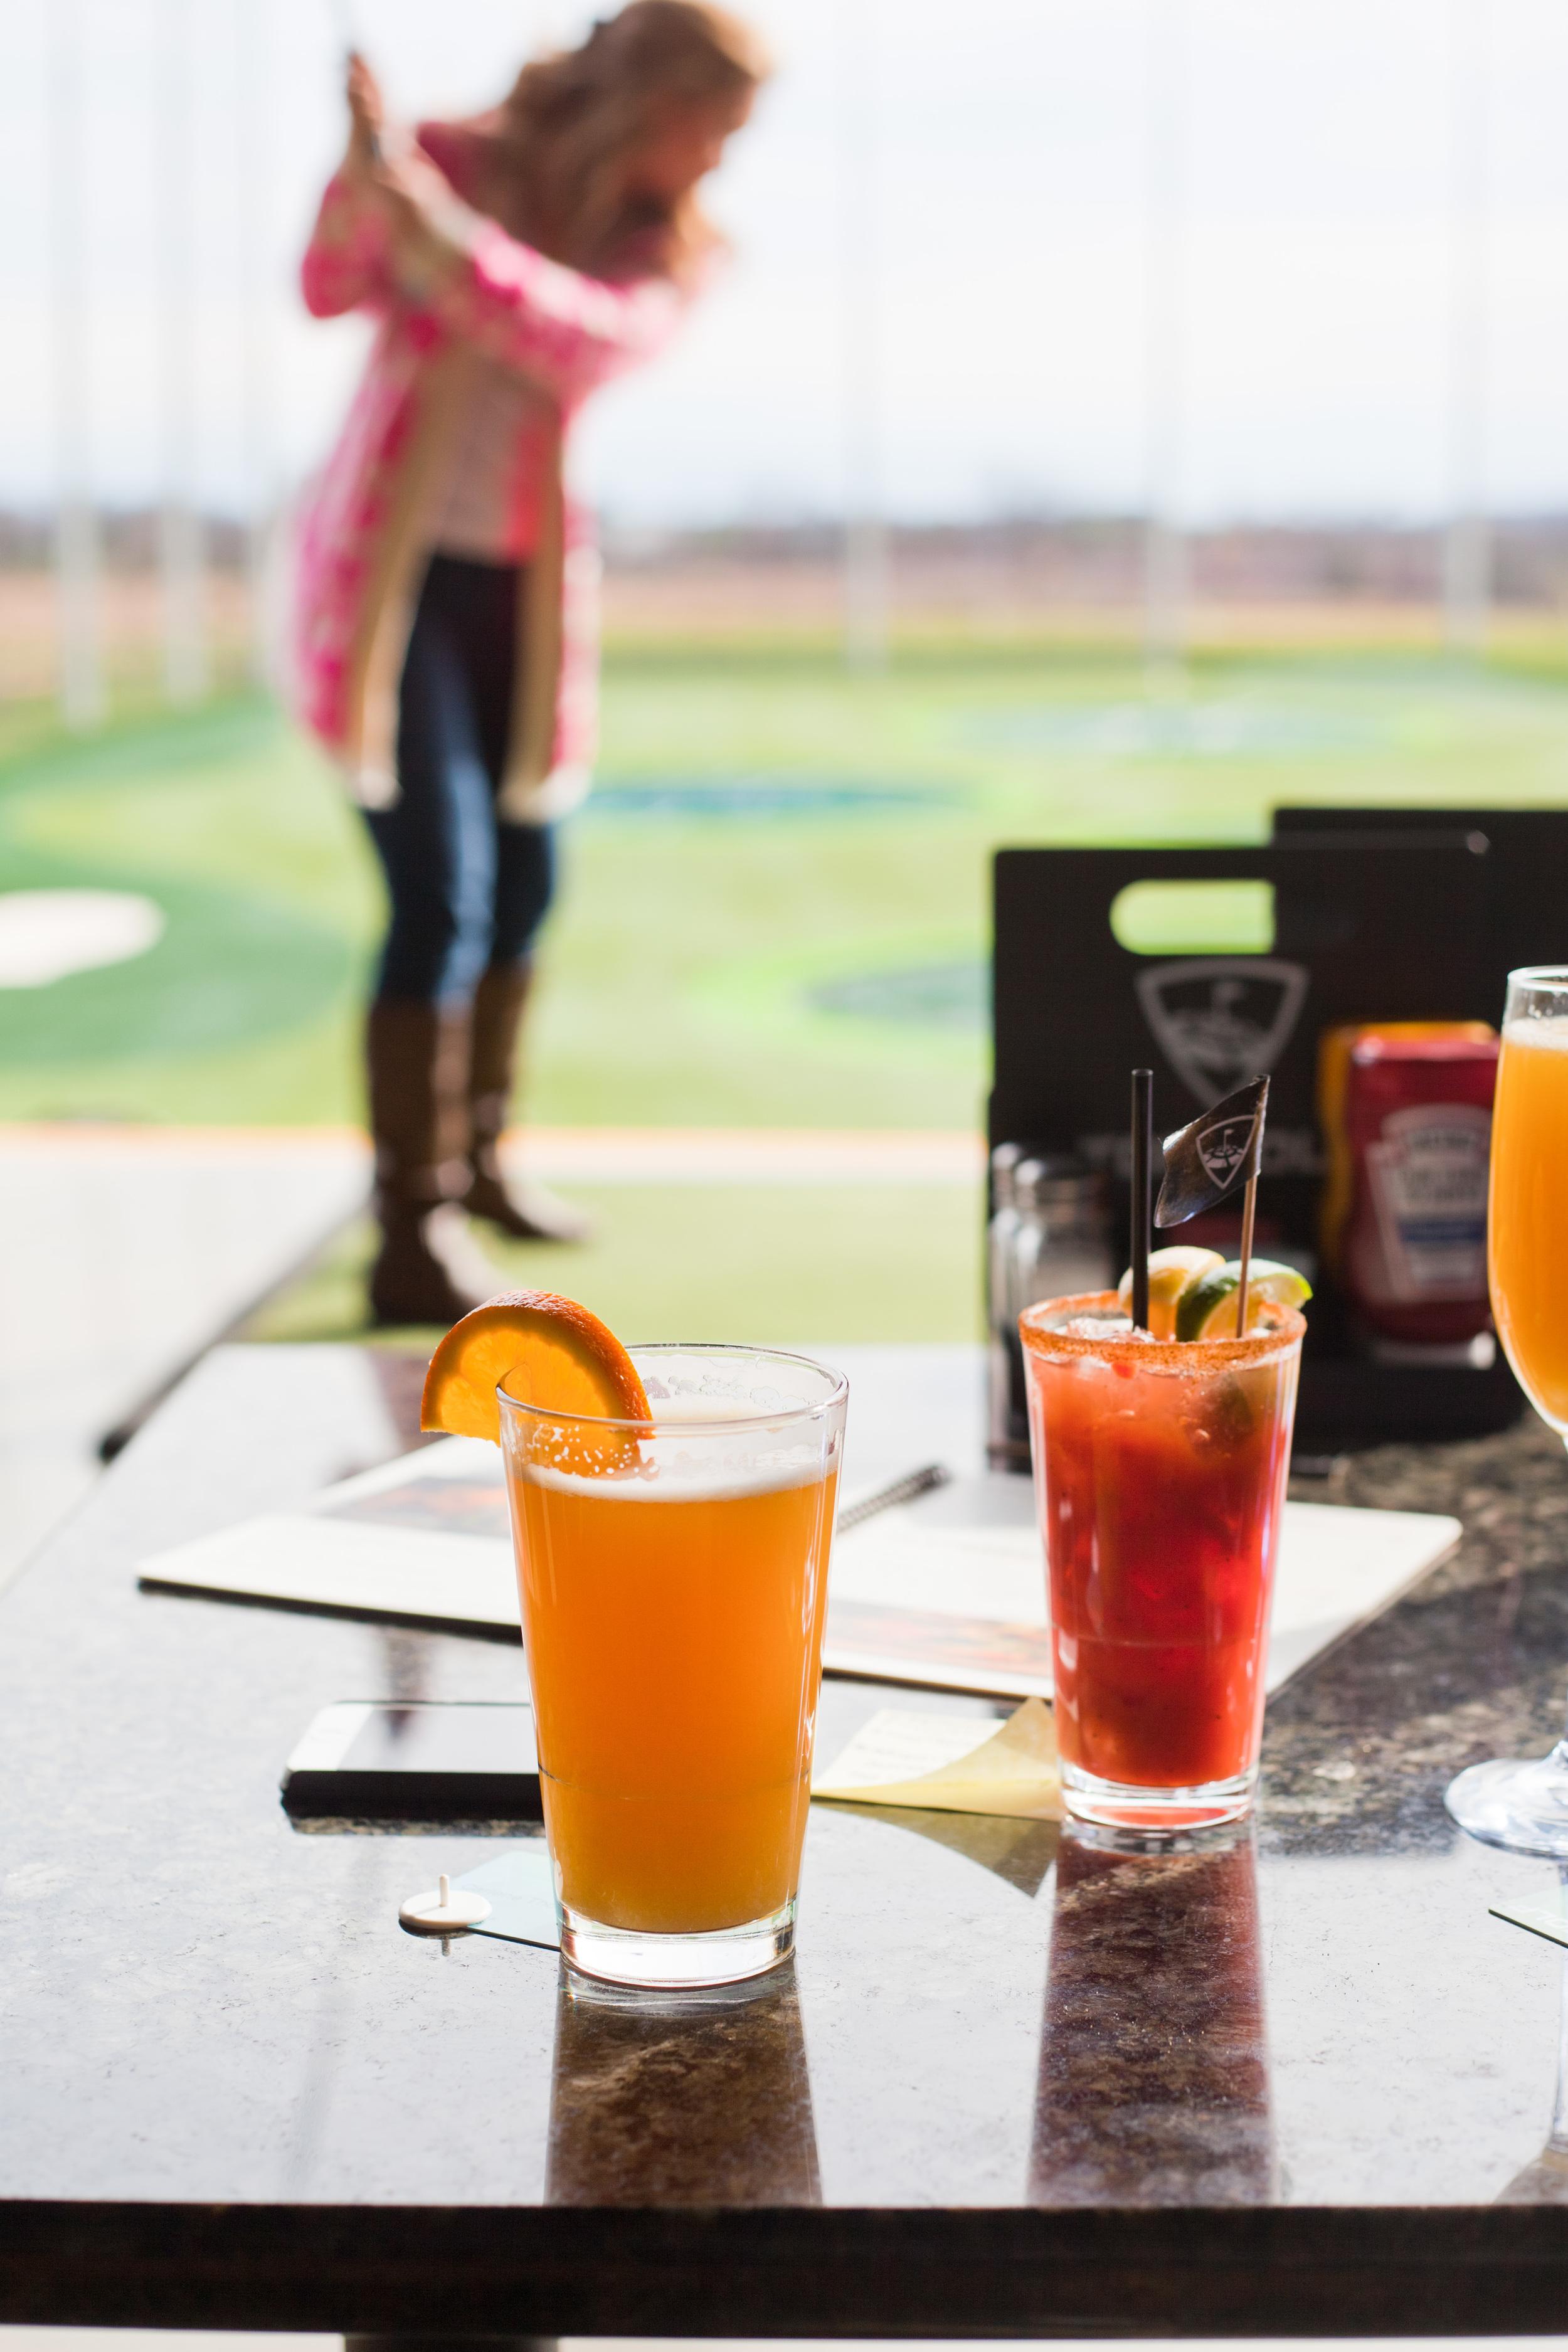 Brunch and Golf: Top Golf Loudoun